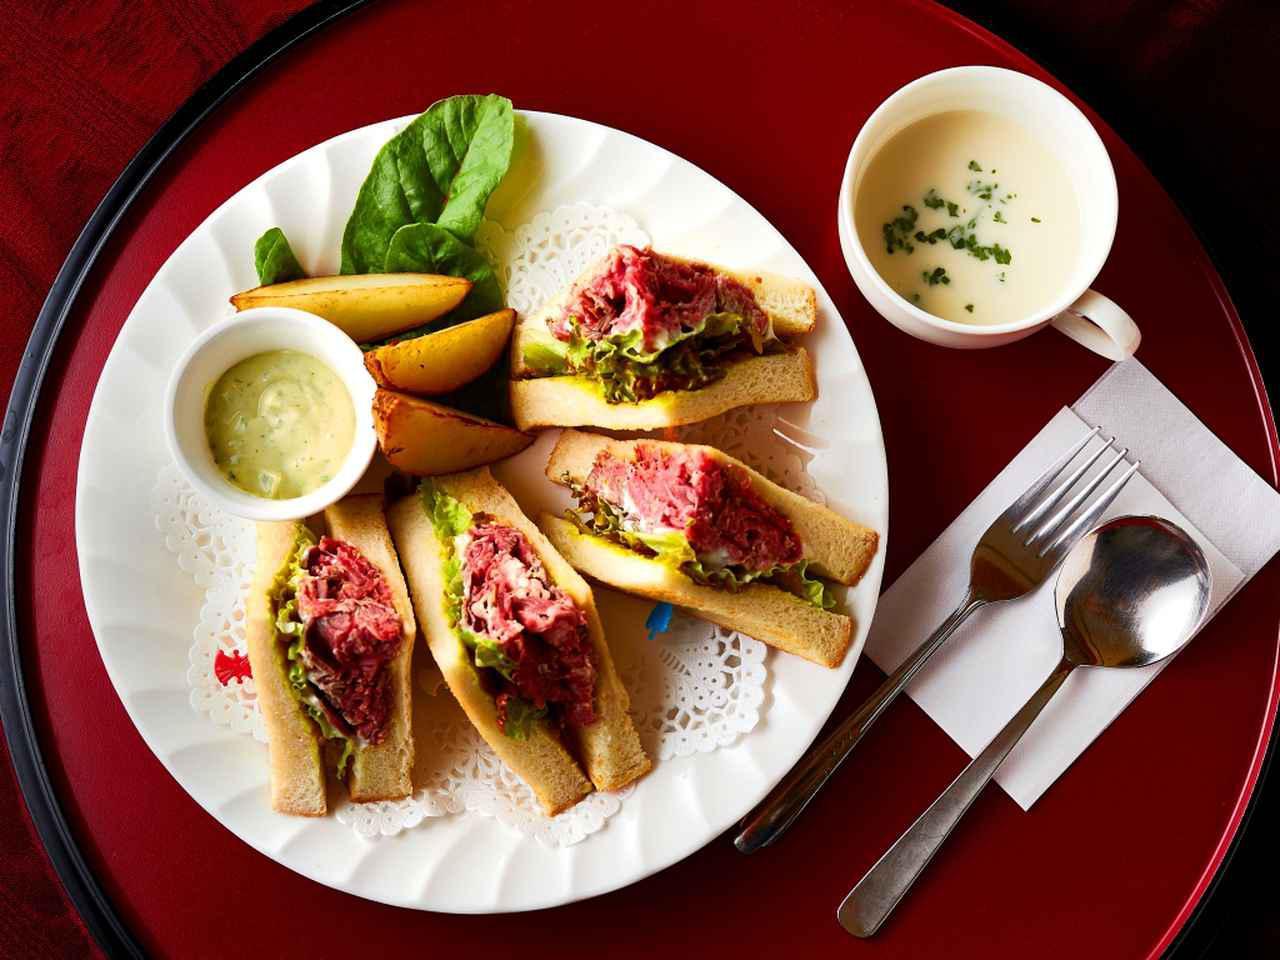 画像: バジルソースはポテトやパンの耳につけても美味。スループレー後のテイクアウトメニュー(1300円)としても人気